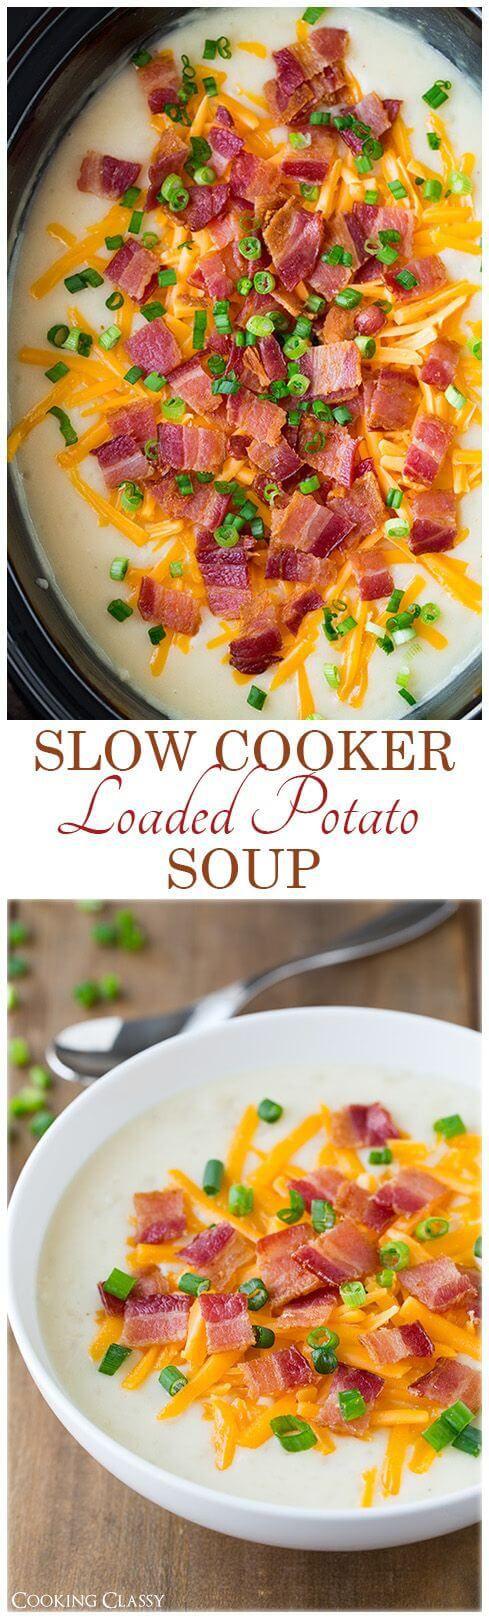 GlutenFree Slow Cooker Loaded Potato Soup Recipe detox